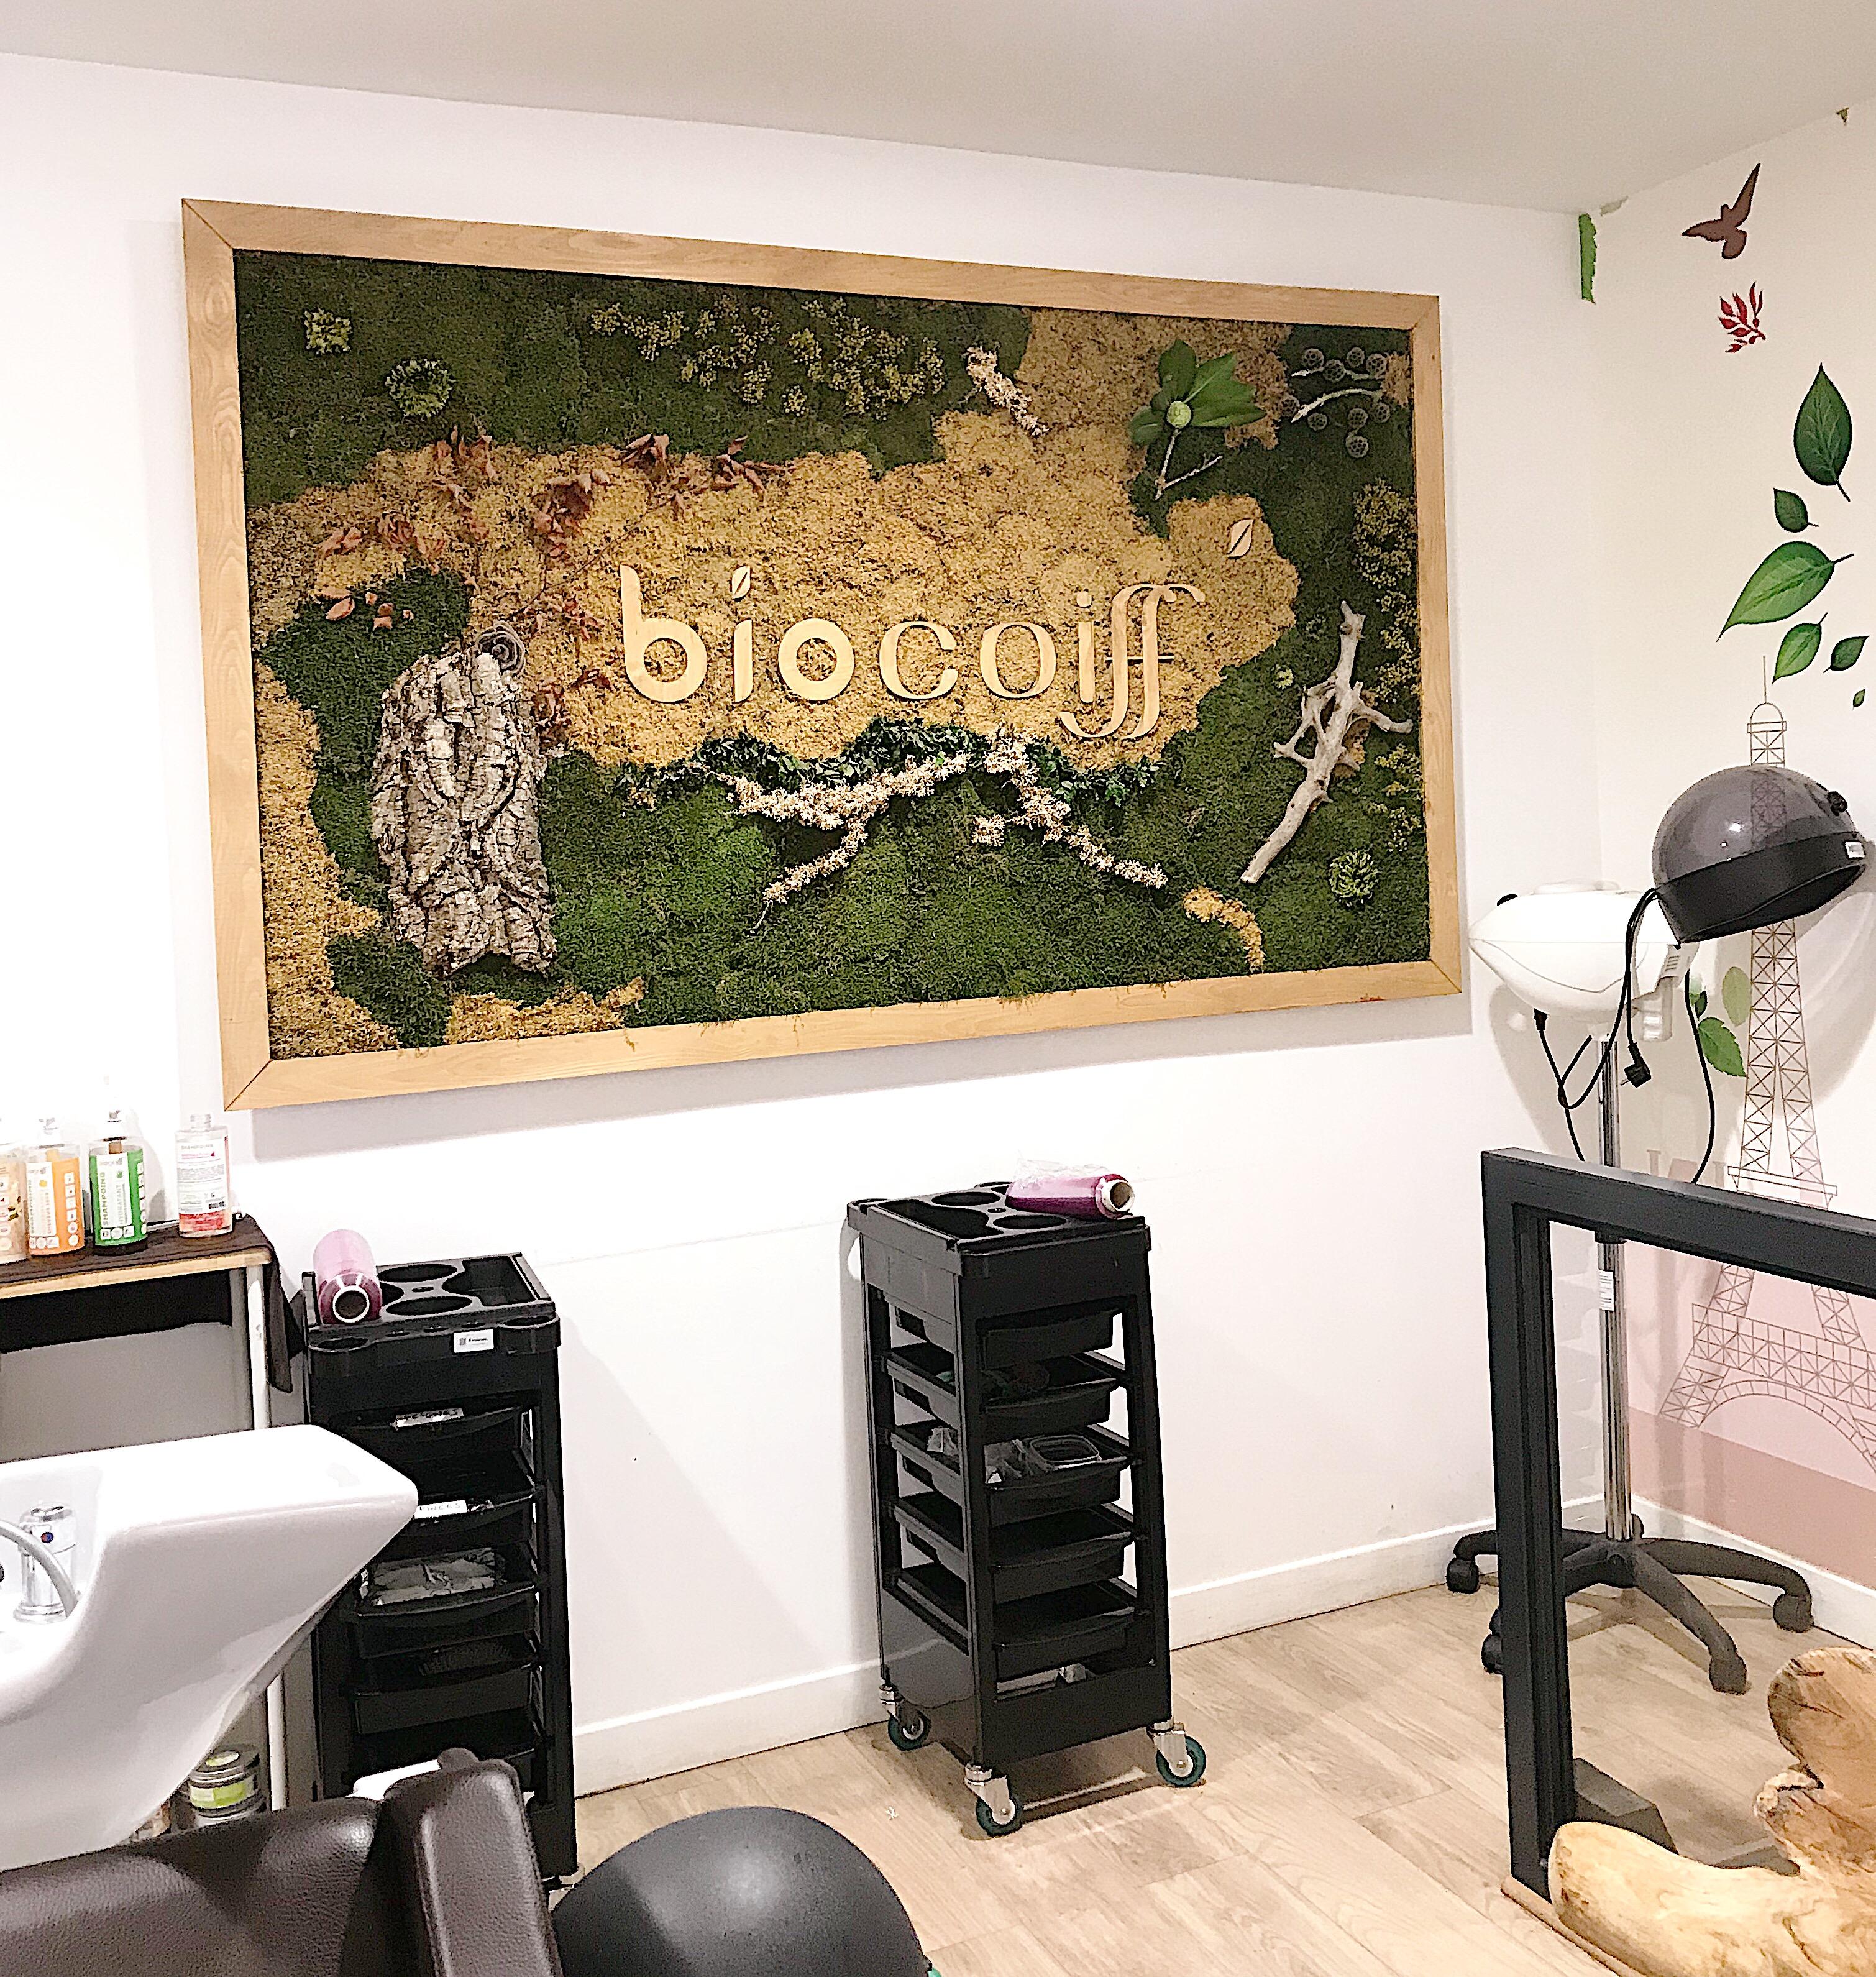 salon-coiffure-bio-biocoiff-